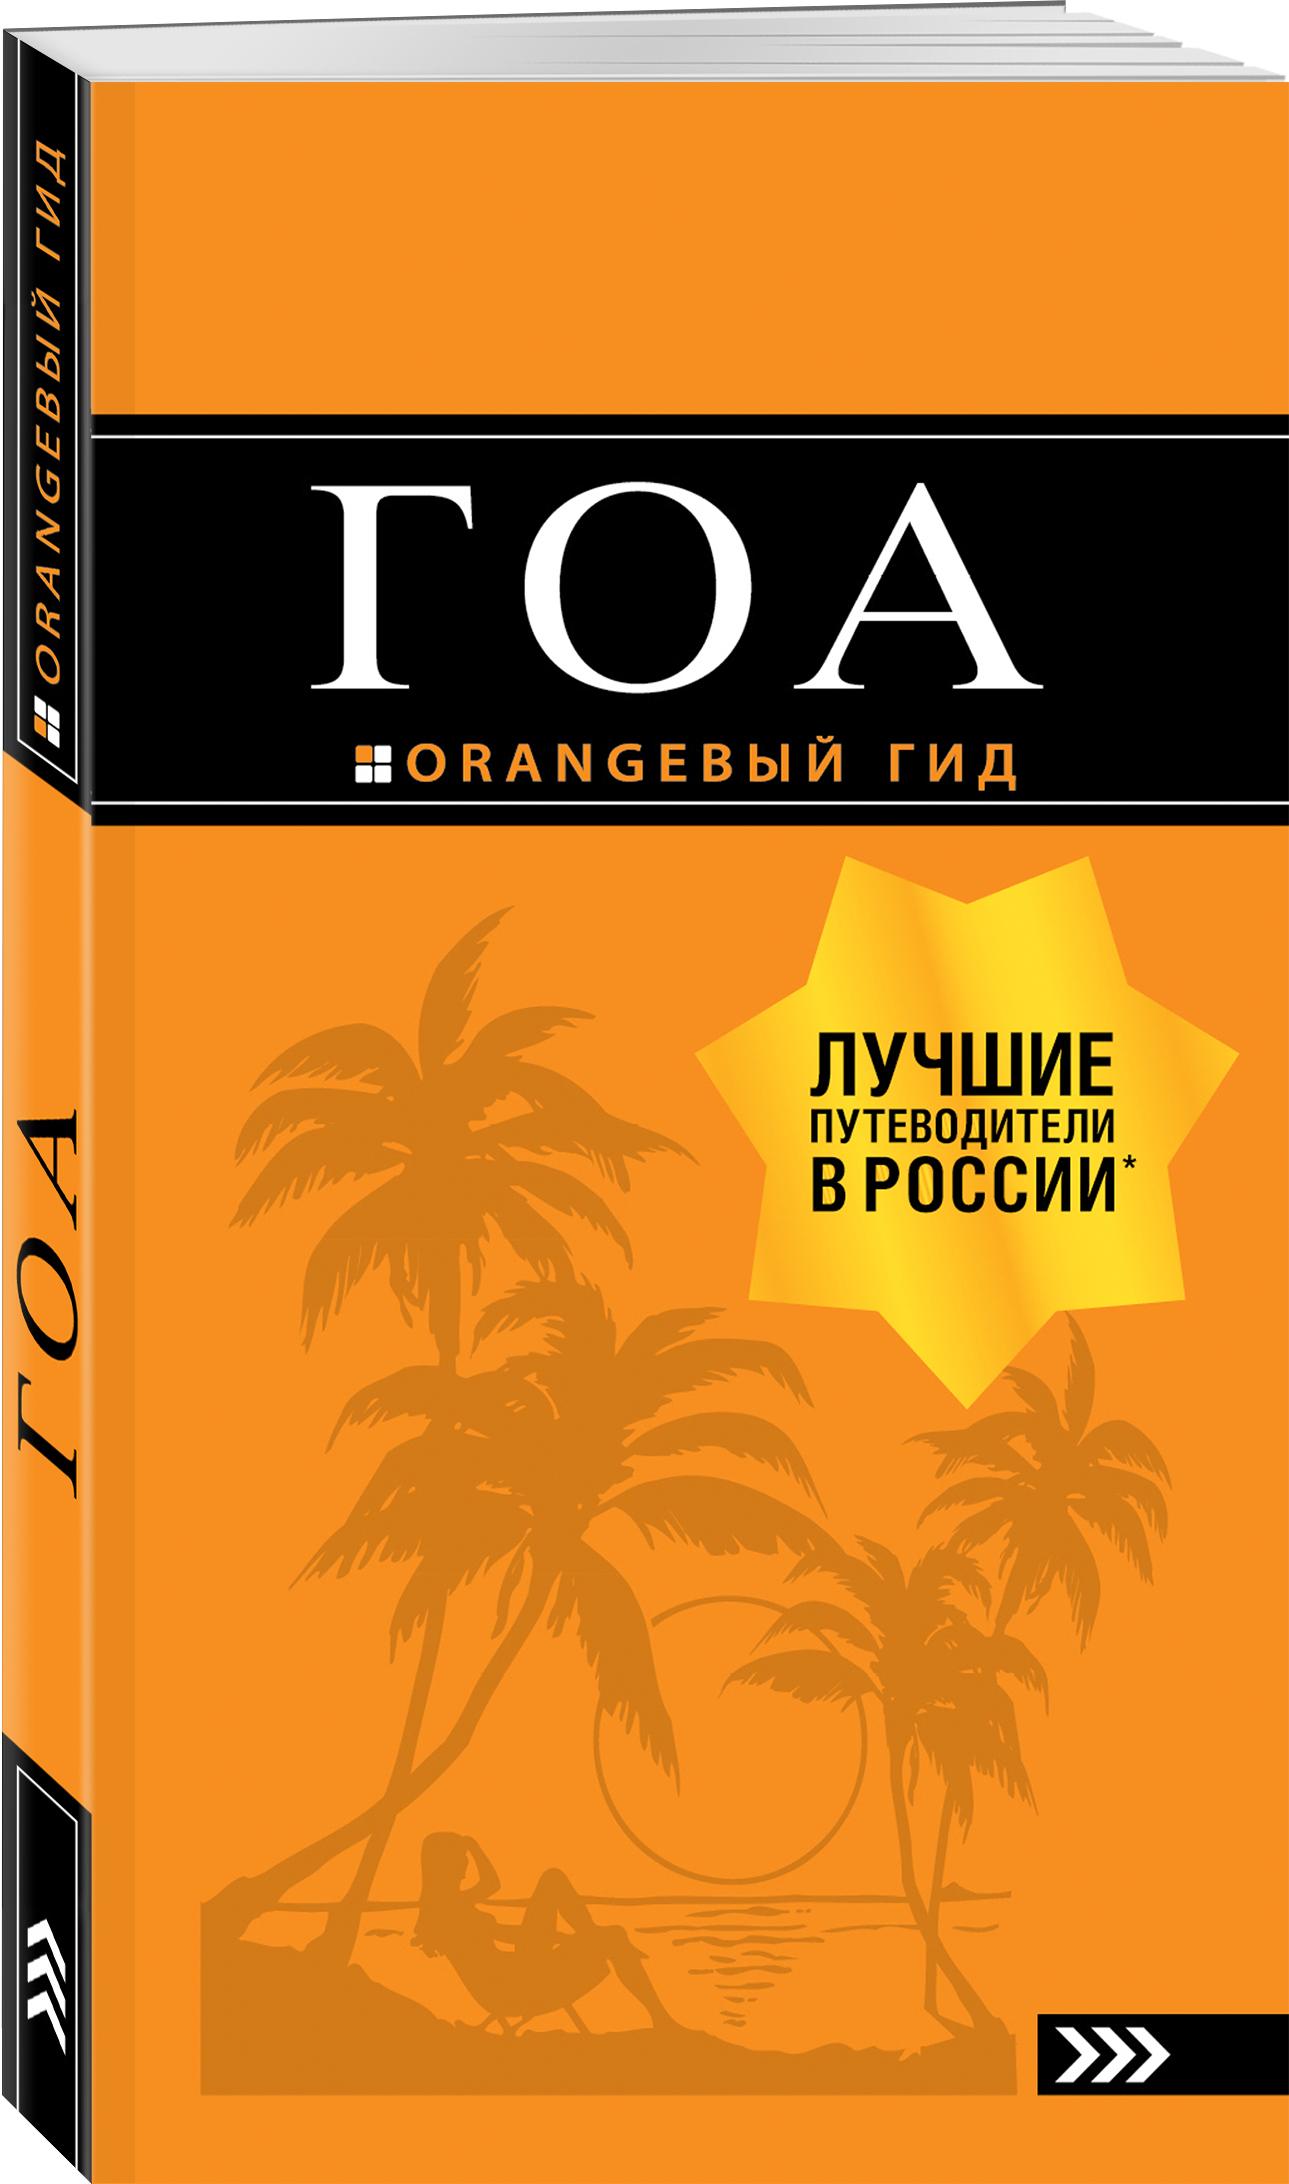 Давыдов А.В. Гоа: путеводитель. 4-е изд.